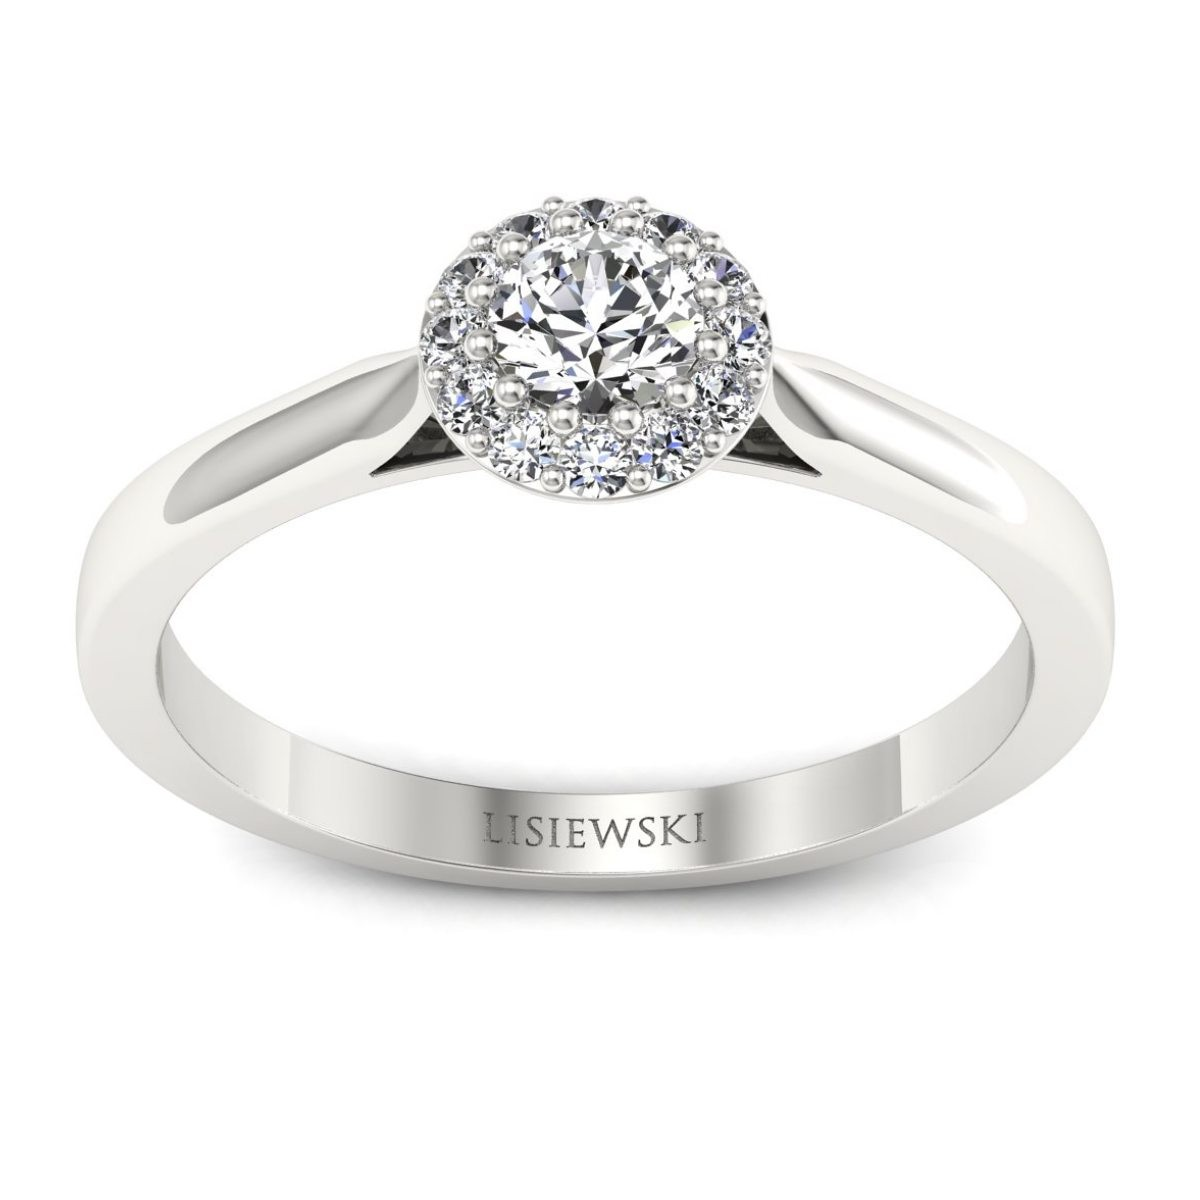 Platynowy pierścionek z brylantami